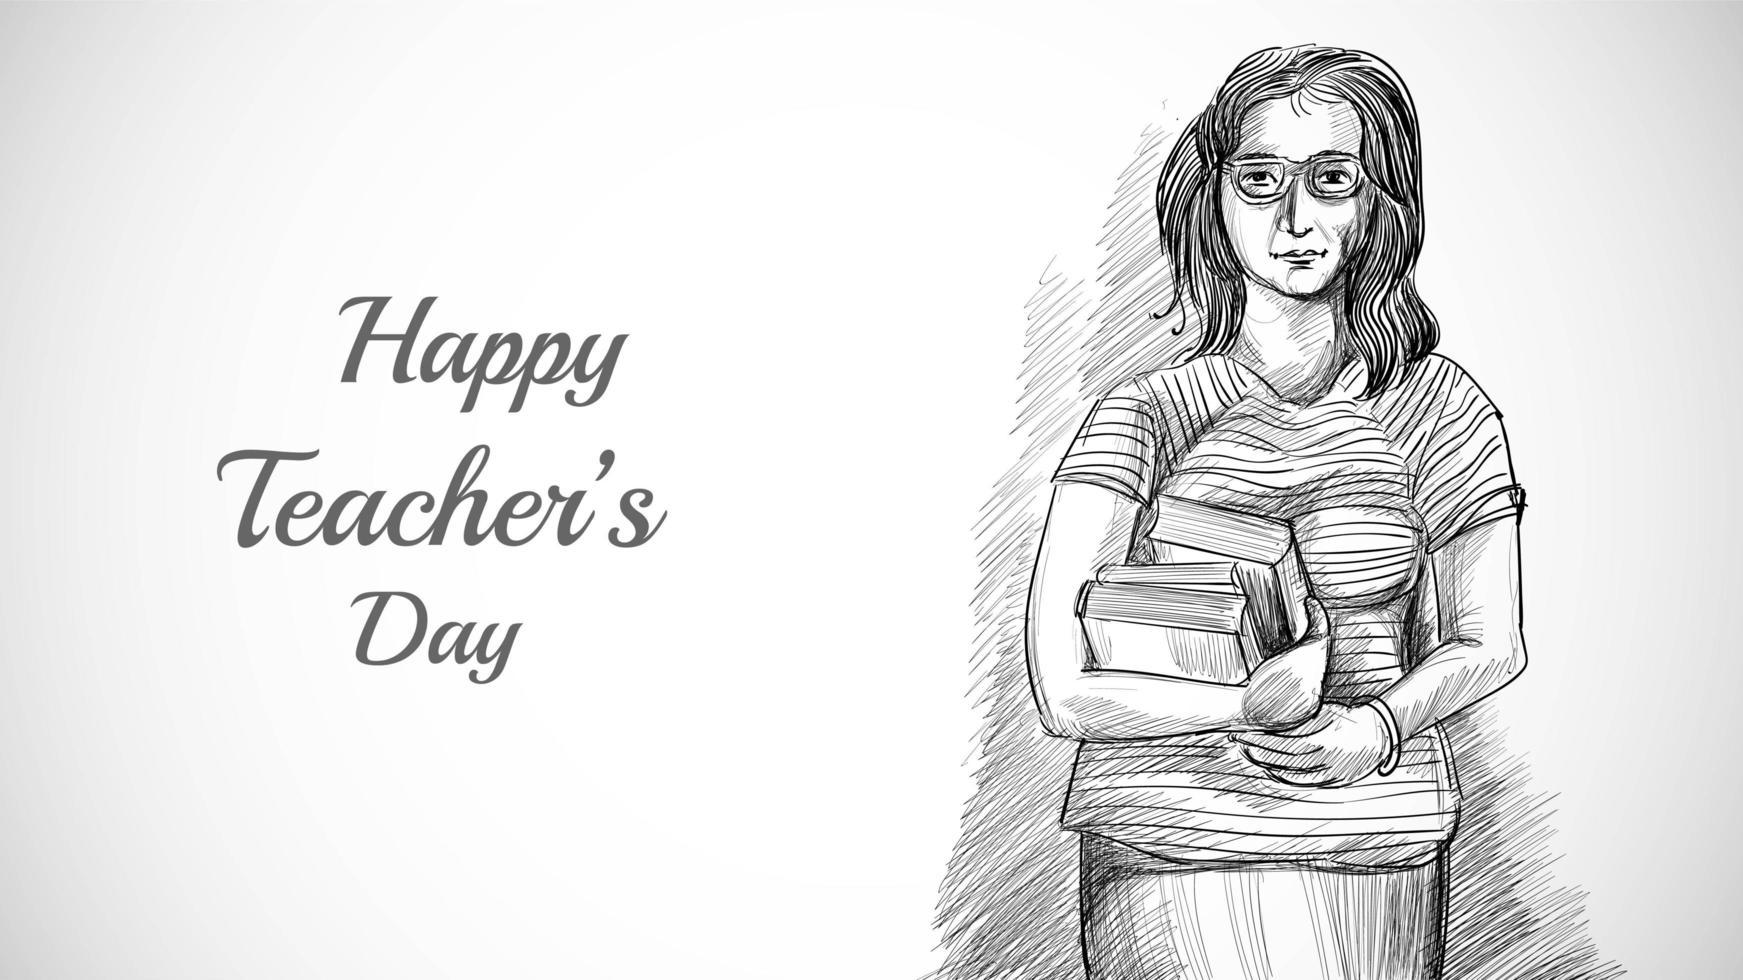 schizzo di arte disegnata a mano bella insegnante con la giornata degli insegnanti vettore